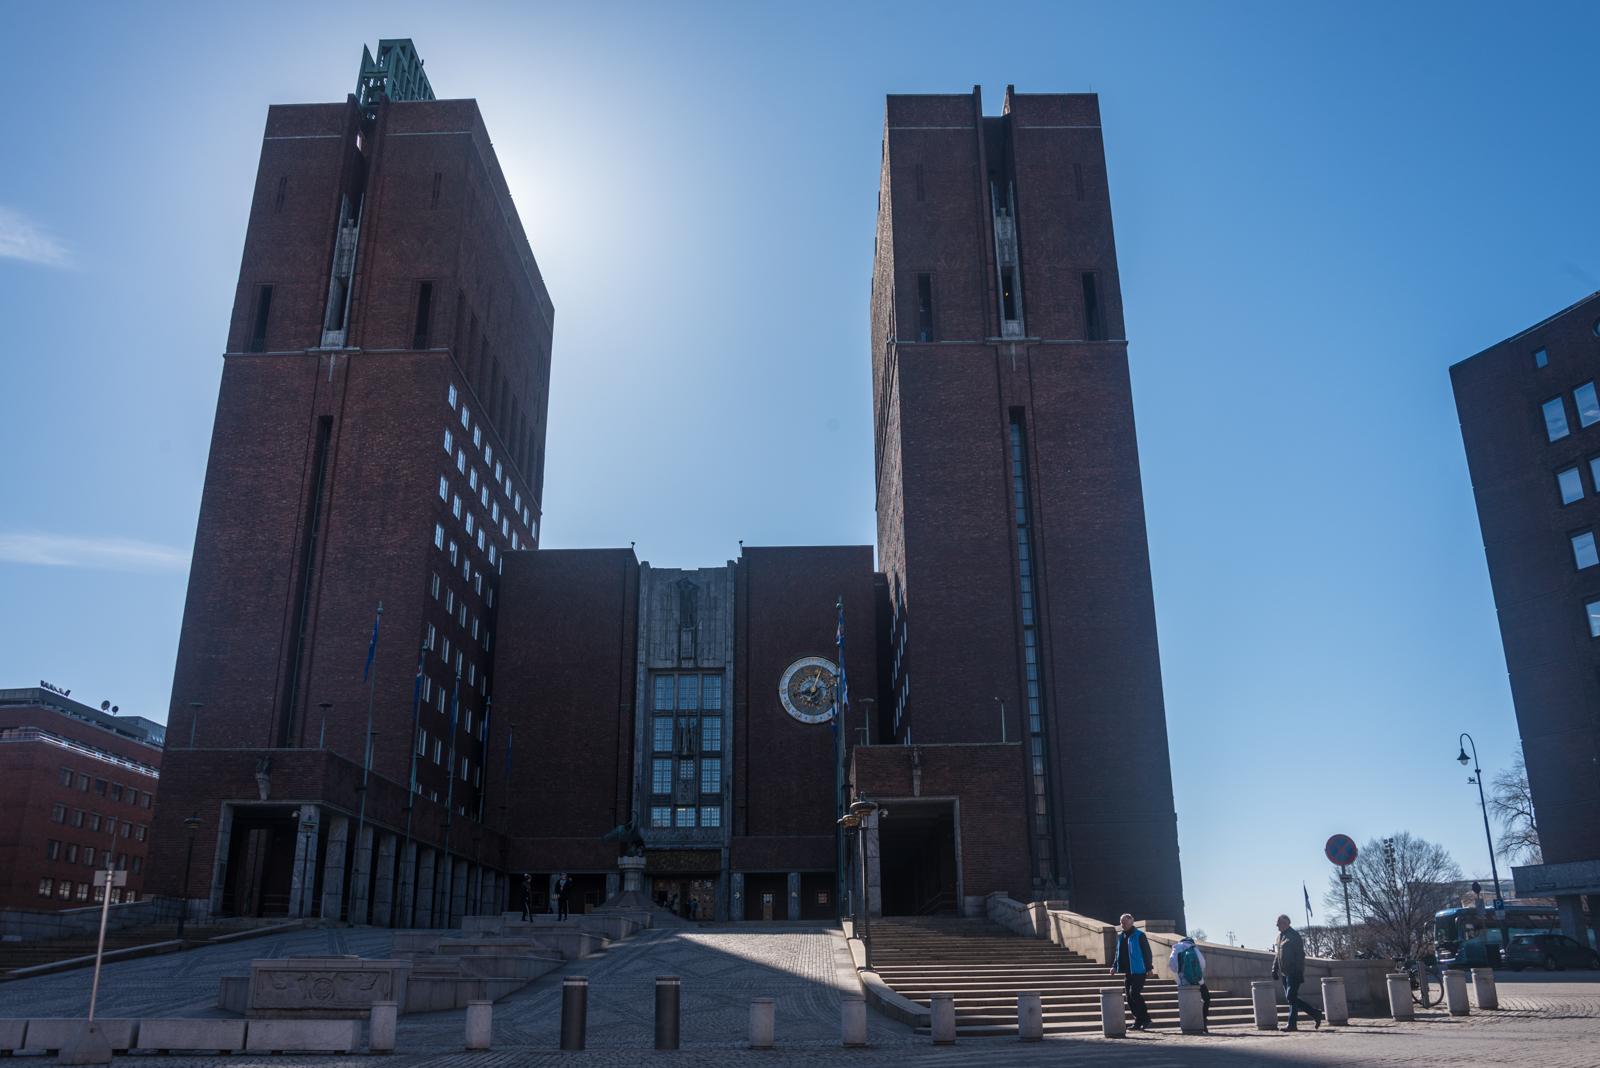 Municipio di Oslo facciata